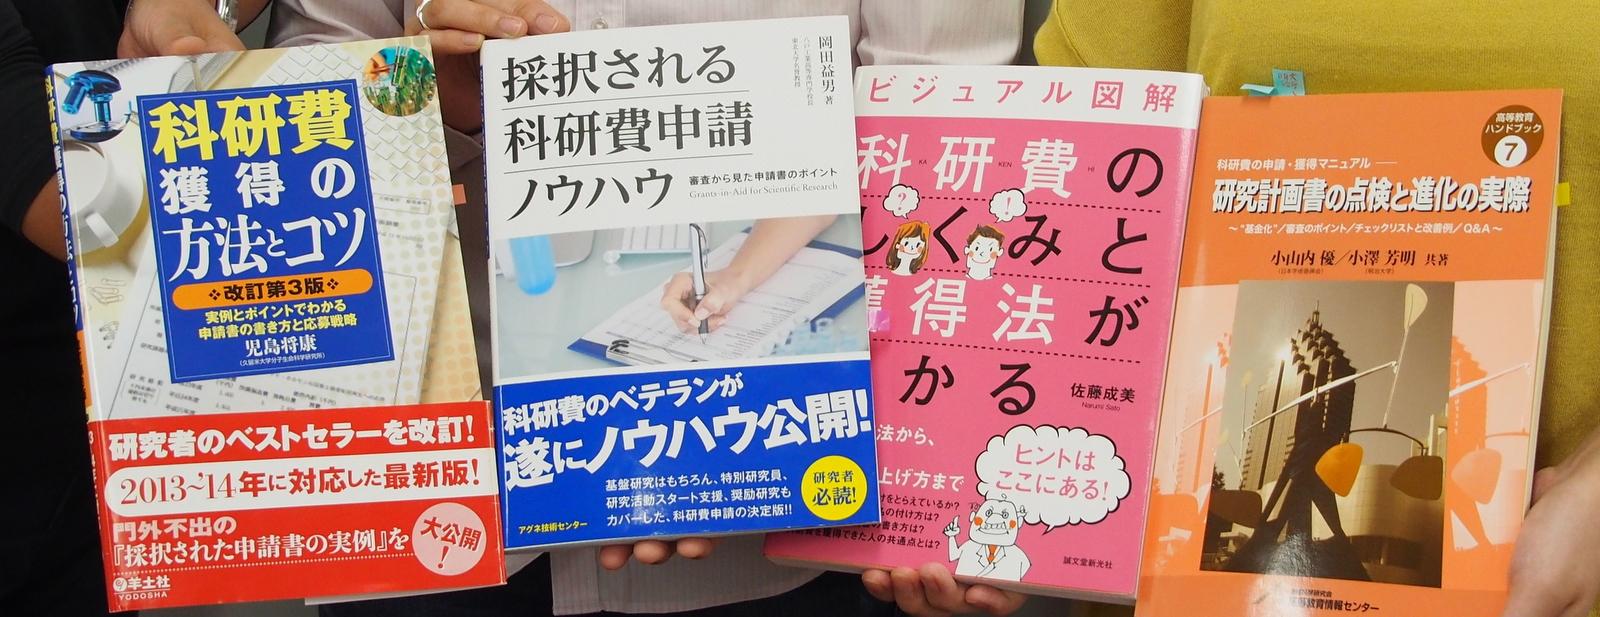 kakenhi_book.JPG